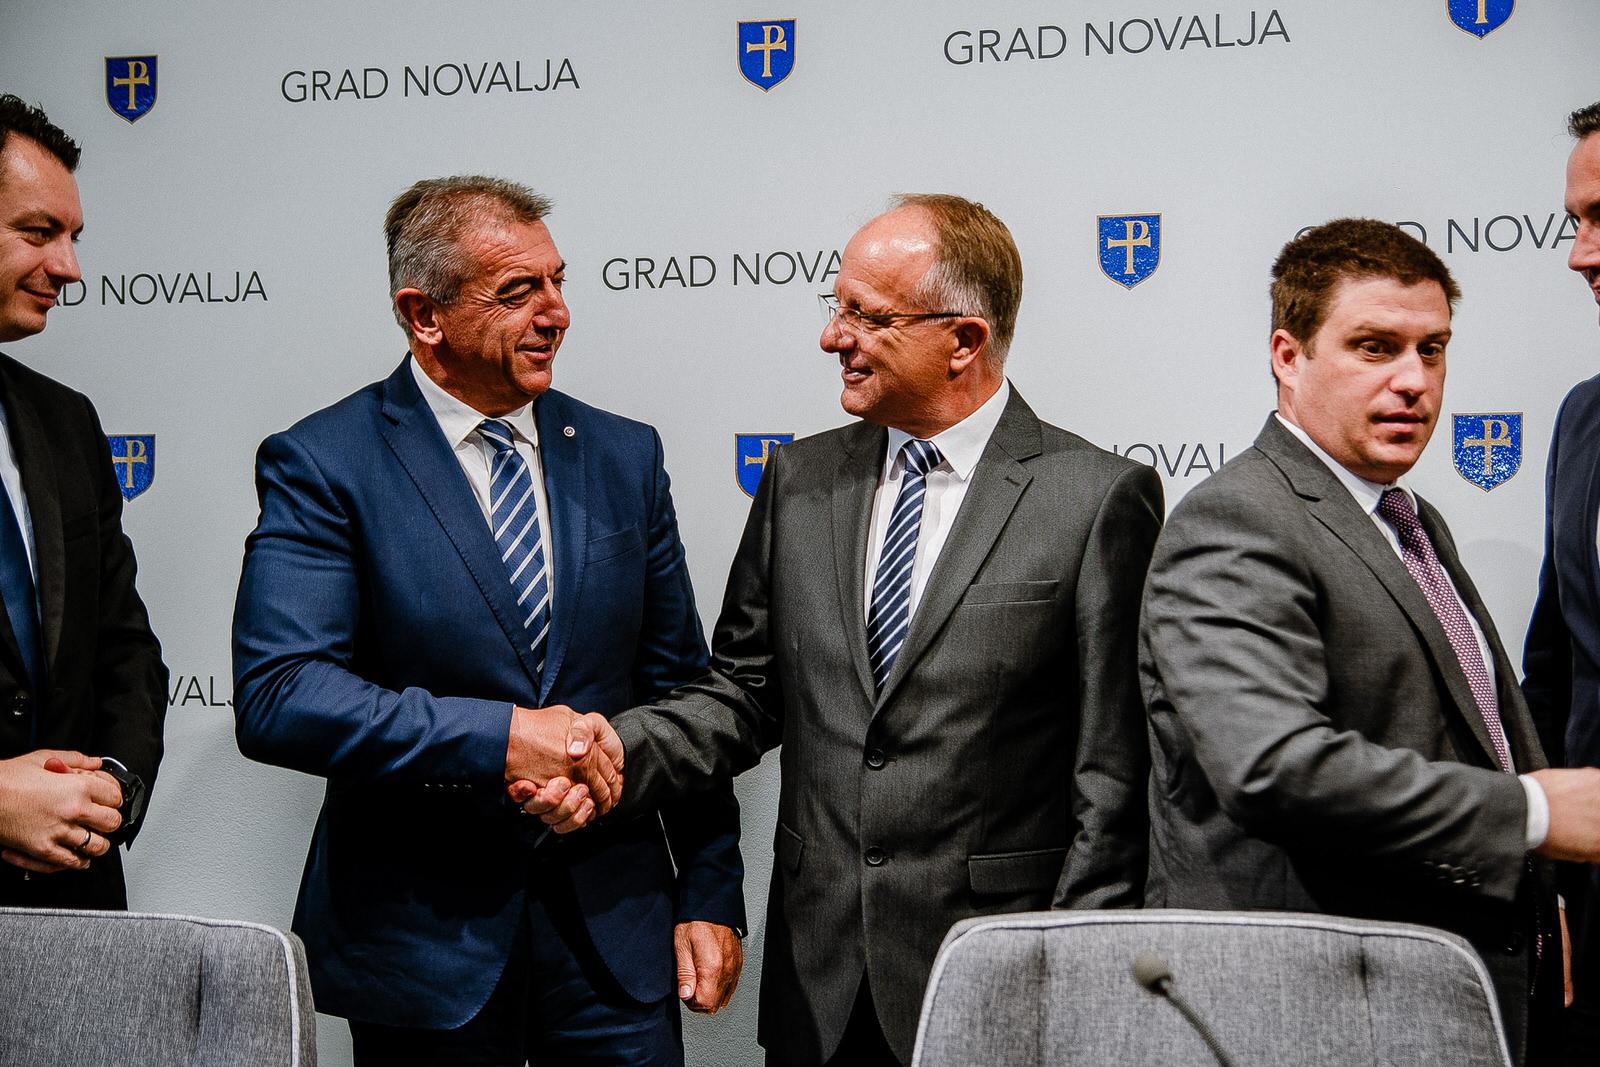 likaclub_novalja_potpisivanje-ugovora-žigljen_2019-22